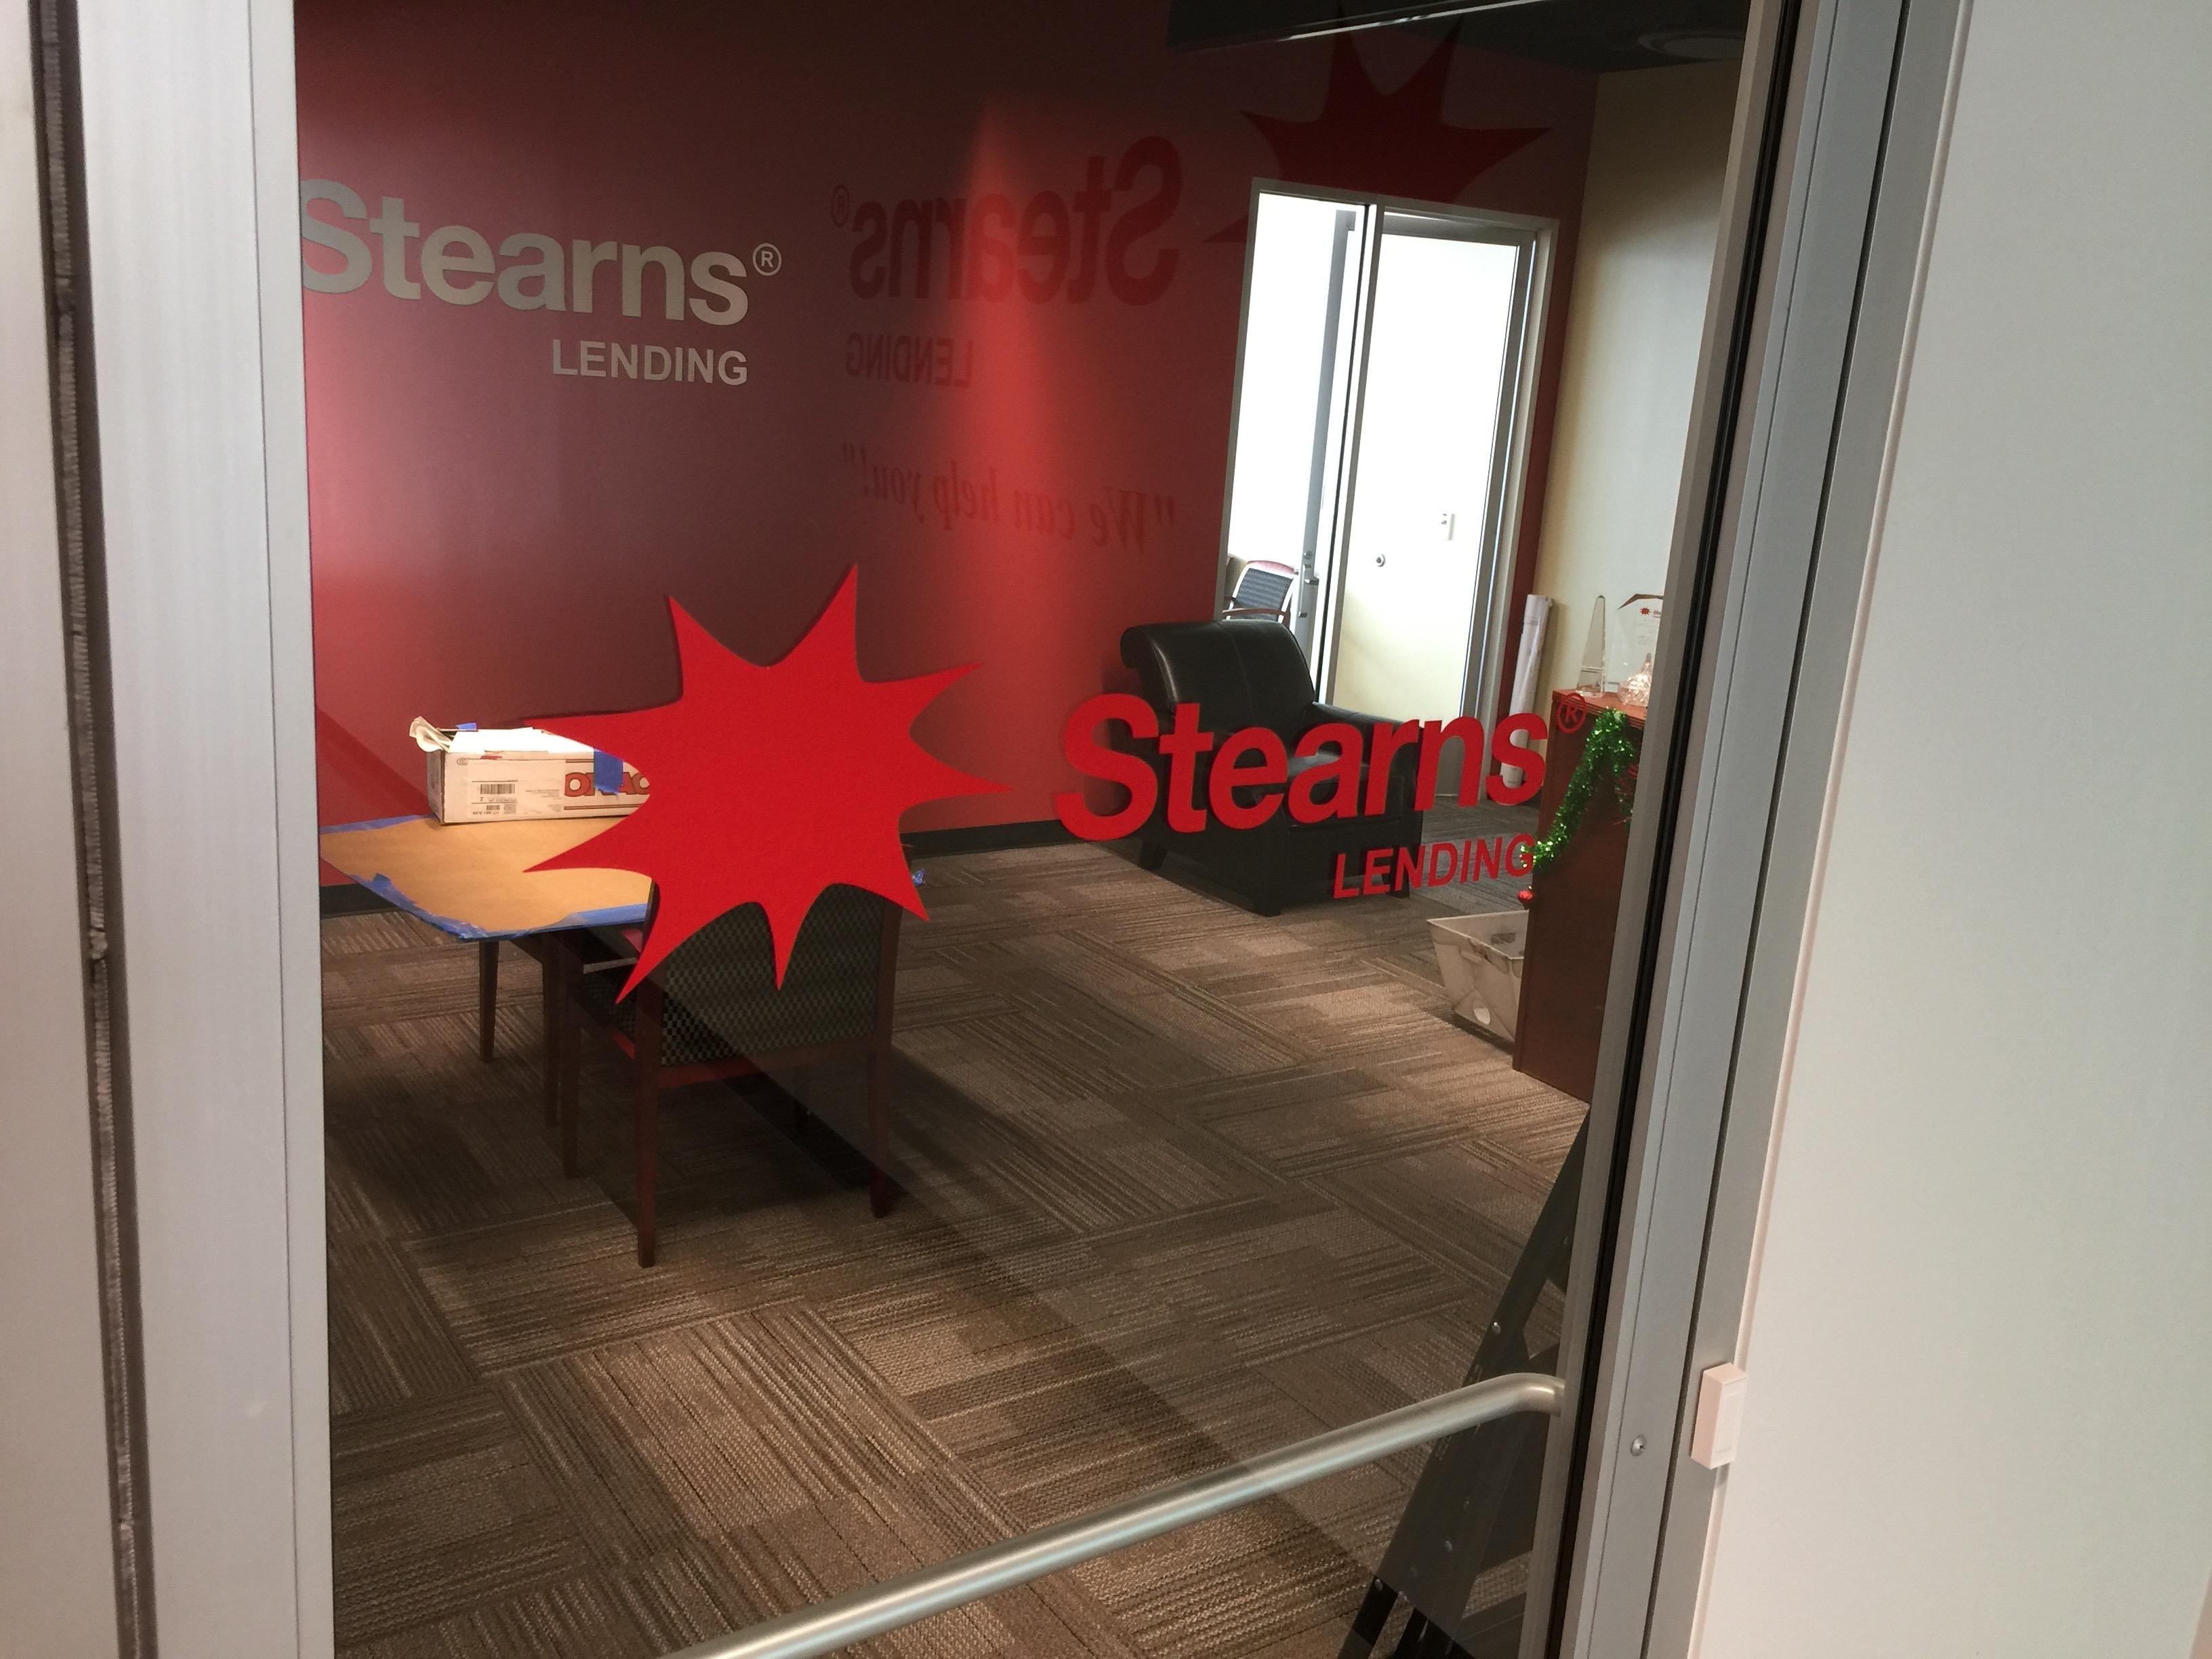 Stearns Lending